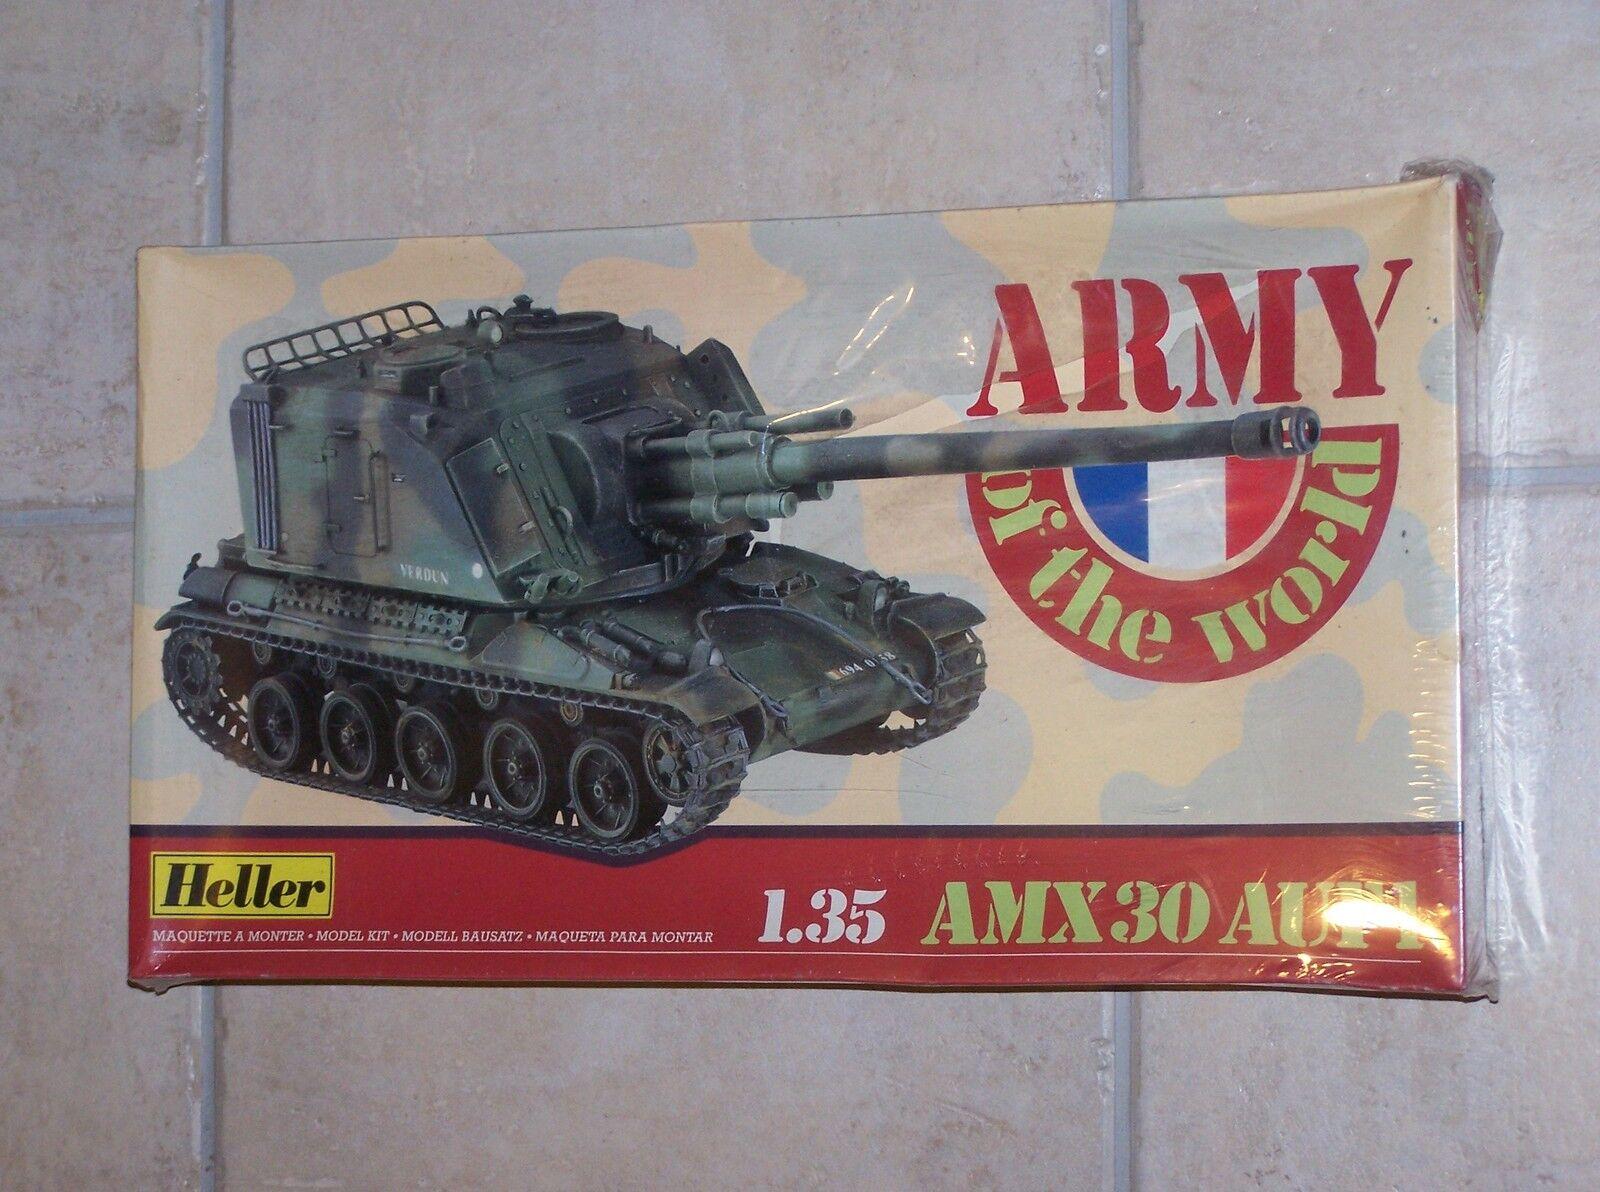 Maquette HELLER 1 35ème AMX30 AUF1